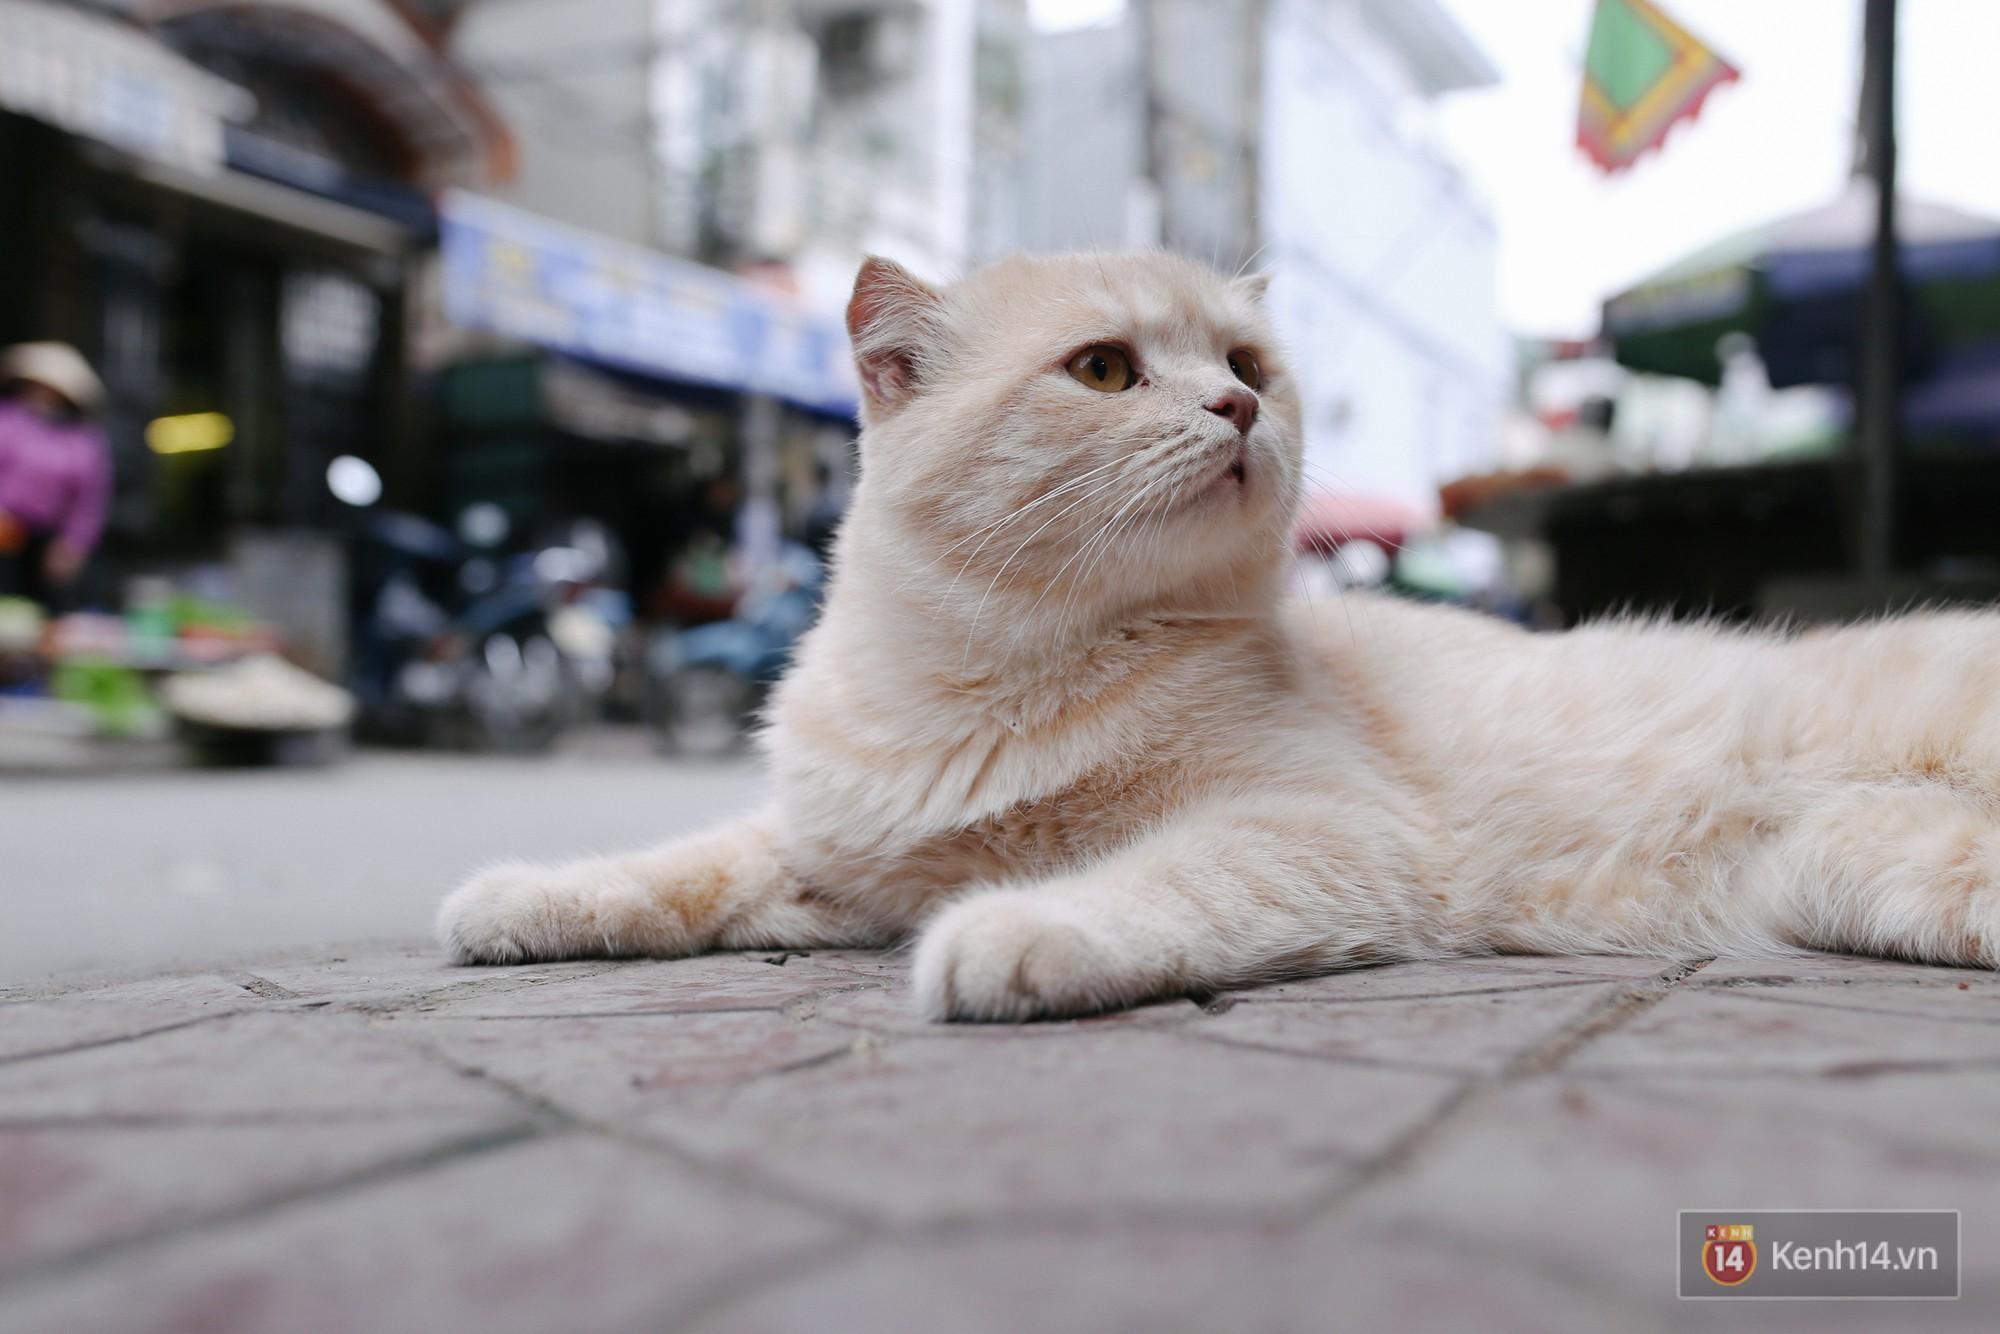 Tên Chó vậy thôi chứ Chó là một con mèo đích thực nhé!